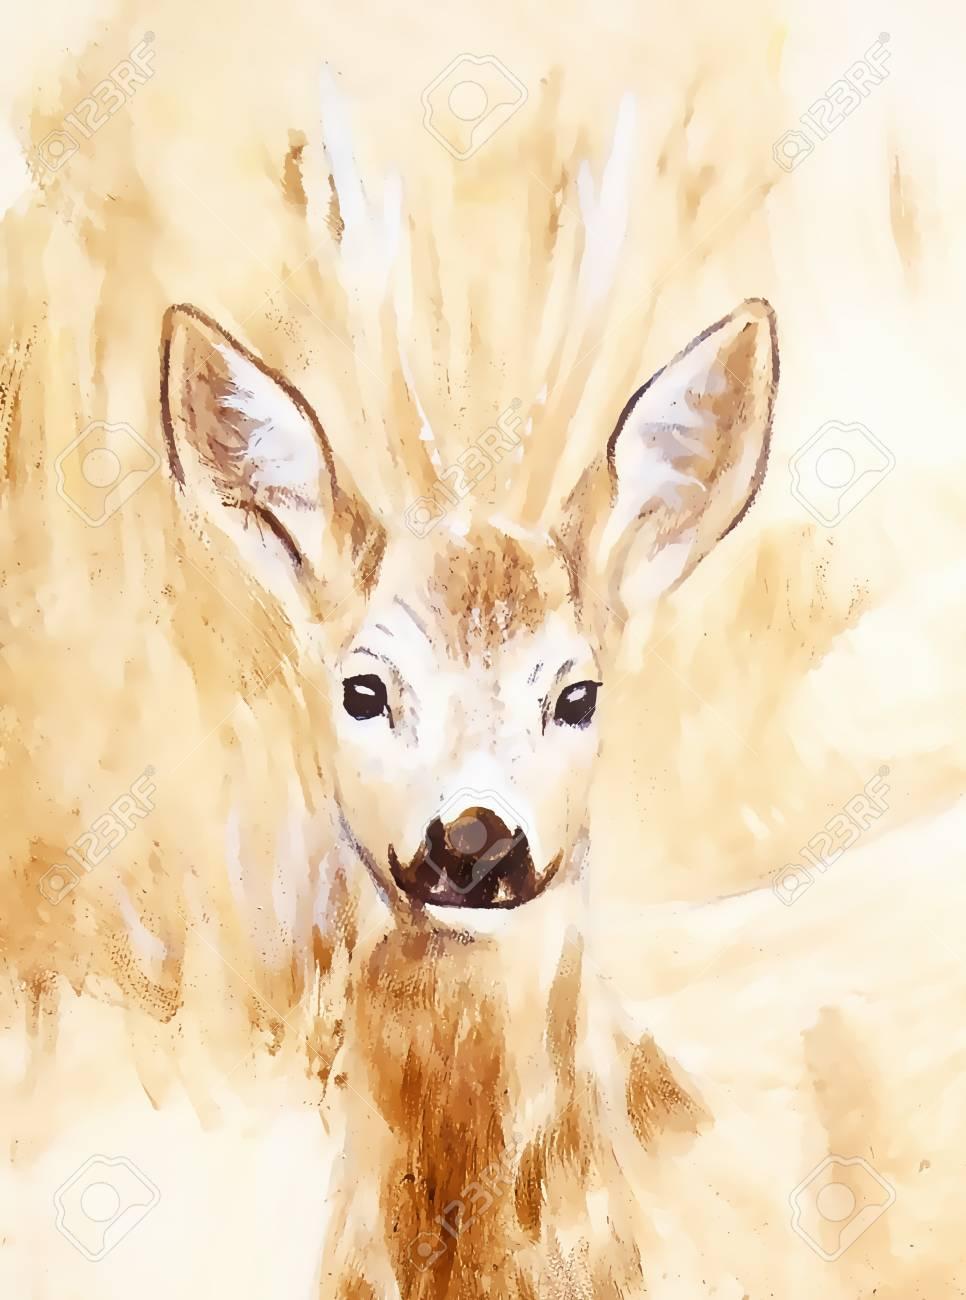 Peinture De Jeunes Cerfs Dans Un Paysage Sauvage Avec Des Hautes